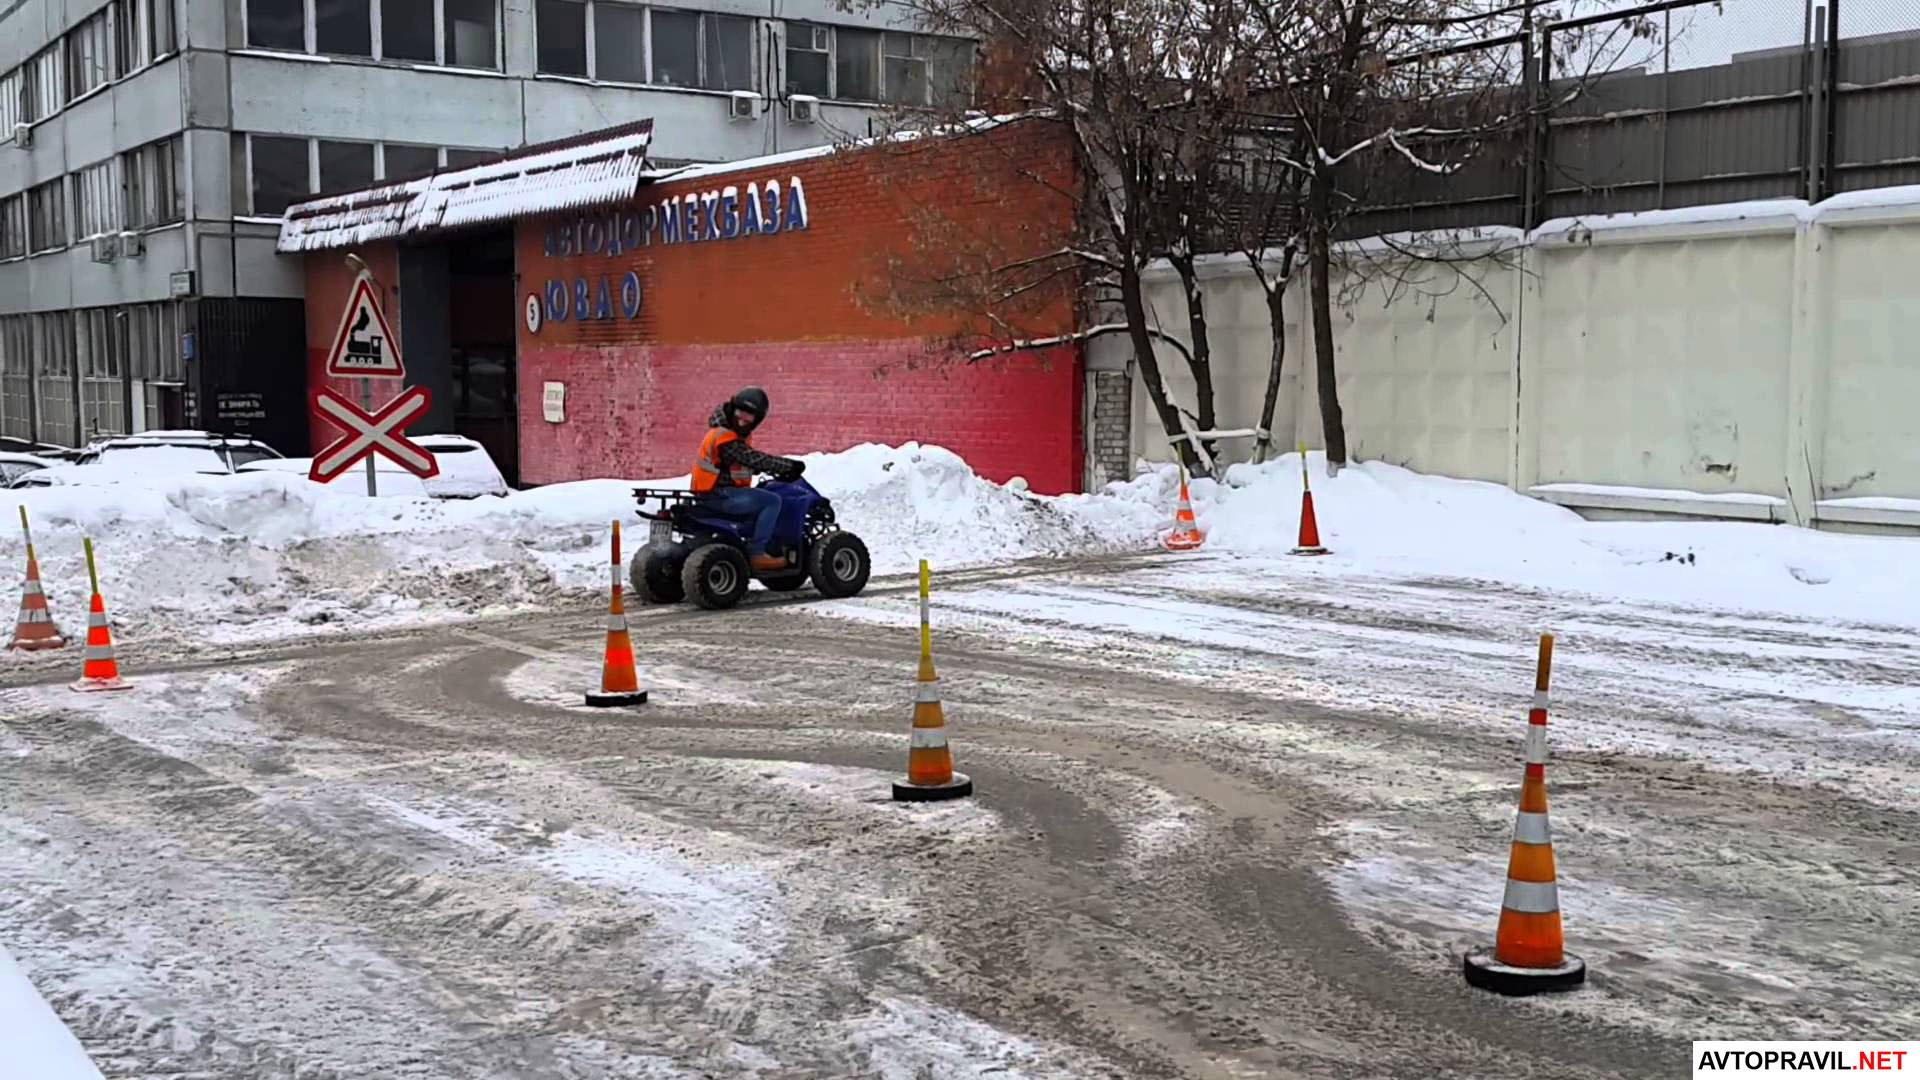 Человек на автодроме, который едет на квадроцикле